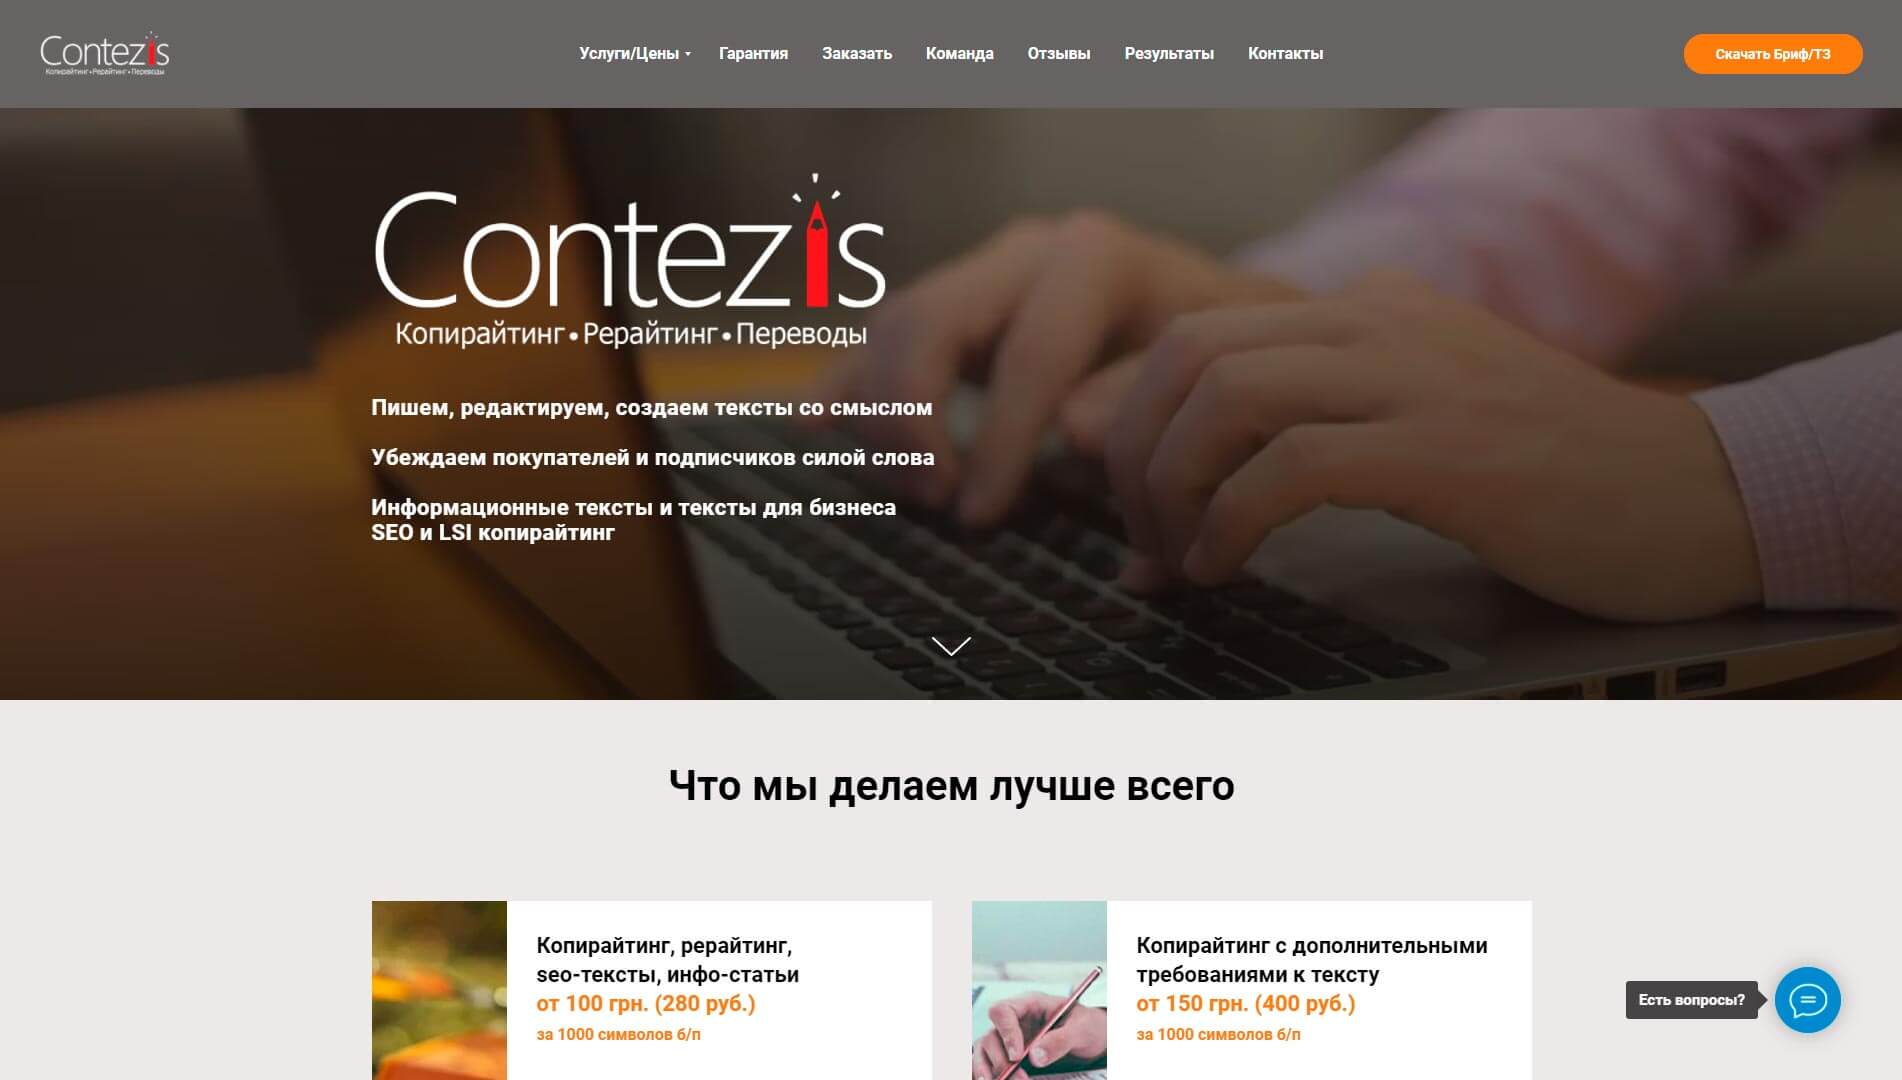 Contezis - обзор компании, услуги, отзывы, клиенты, Фото № 1 - google-seo.pro